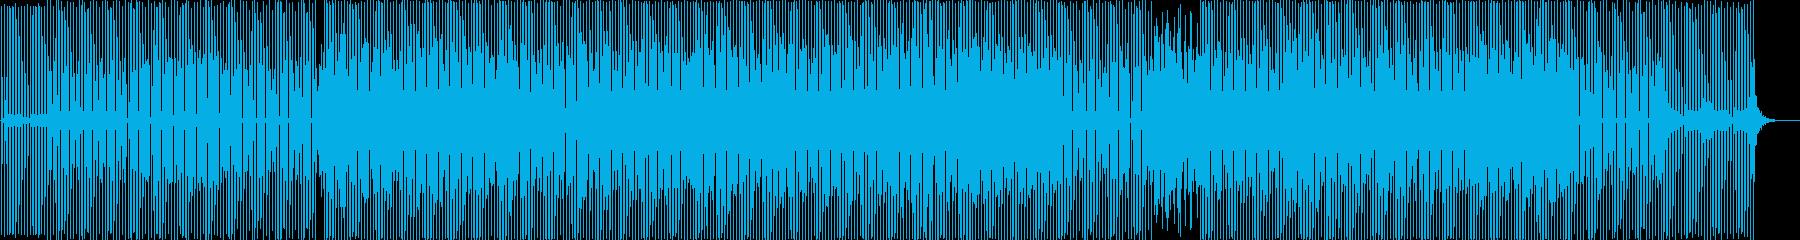 ディープ・ハウス。 80音。深くキ...の再生済みの波形